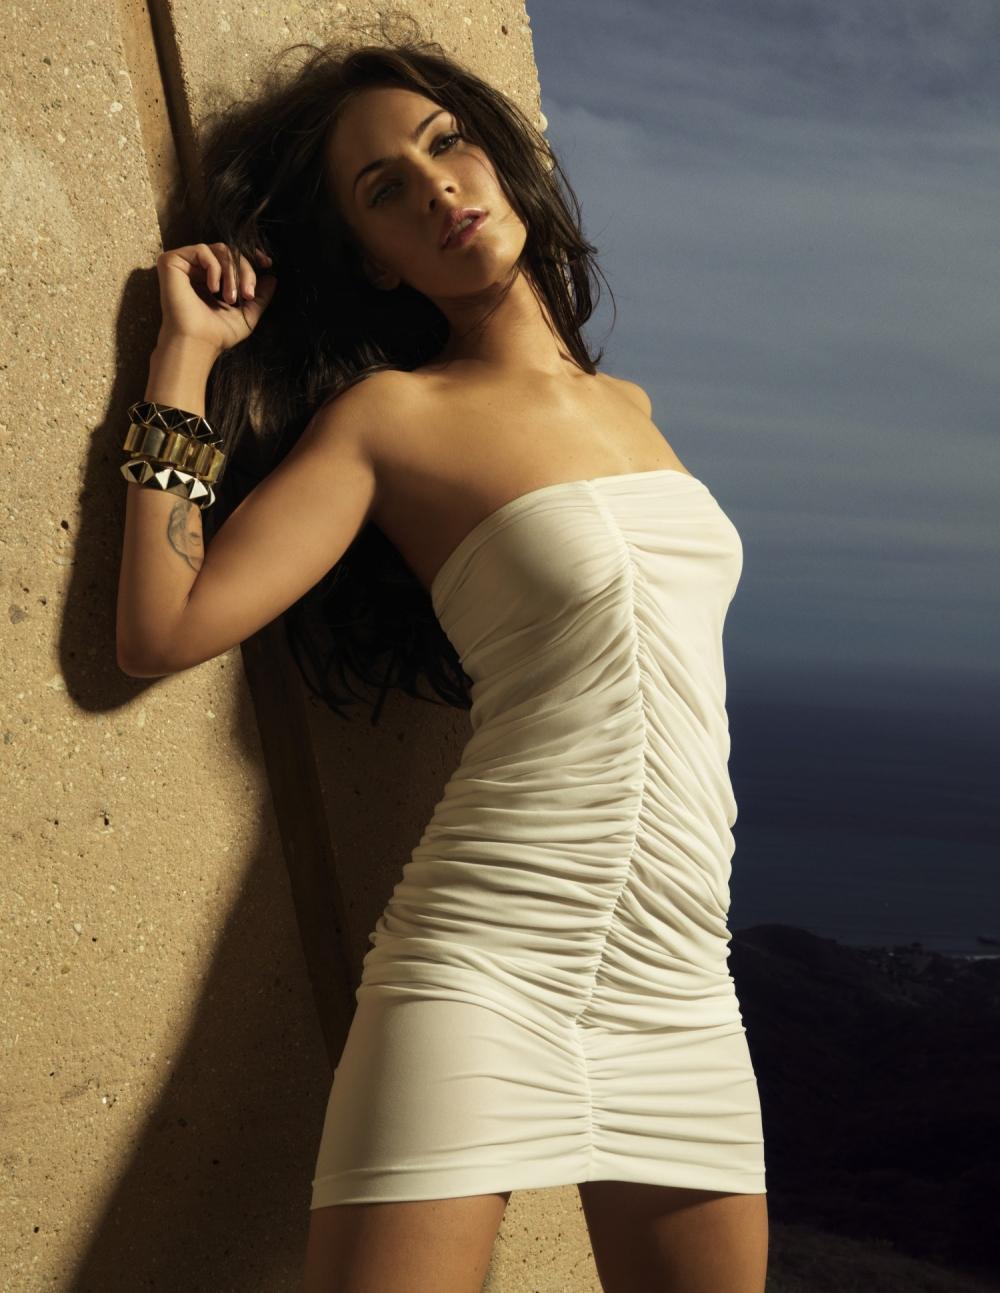 Меган Фокс в откровенном белом платье на фоне моря.